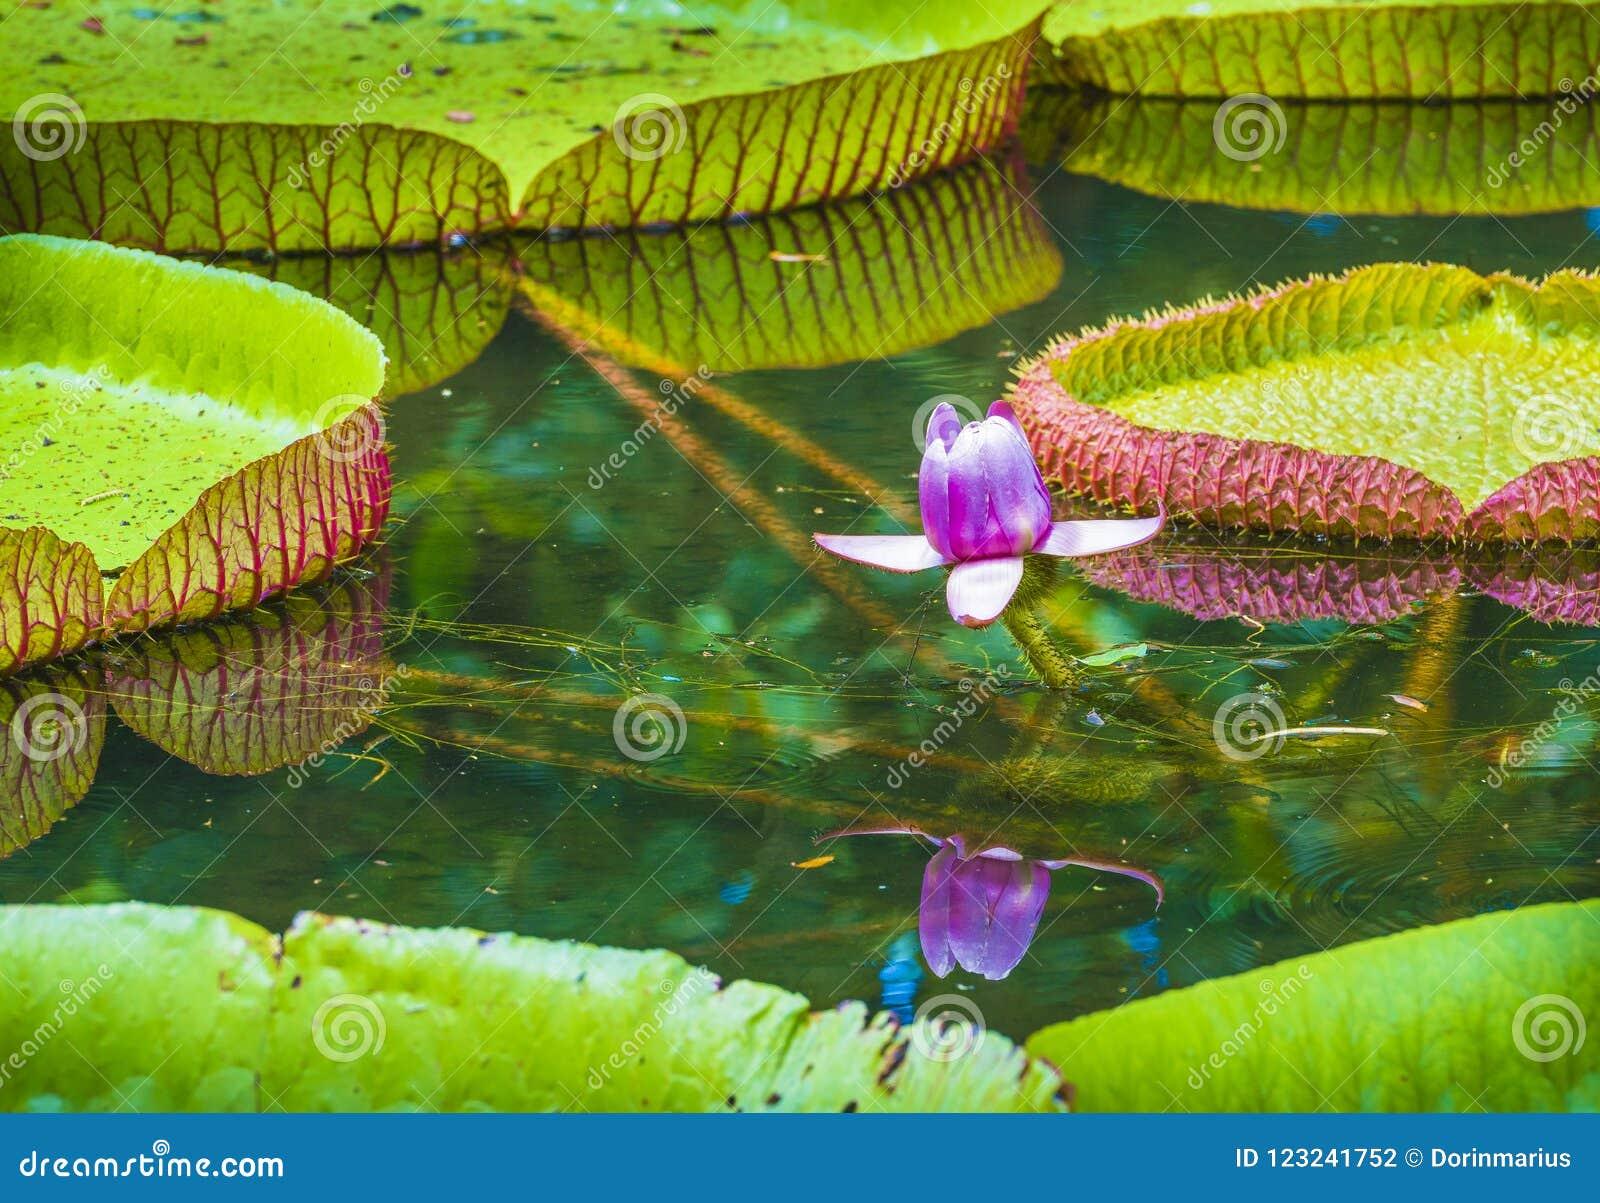 Wodna leluja, Wiktoria amazonica lotosowego kwiatu roślina Pamplemousses ogród botaniczny, Mauritius